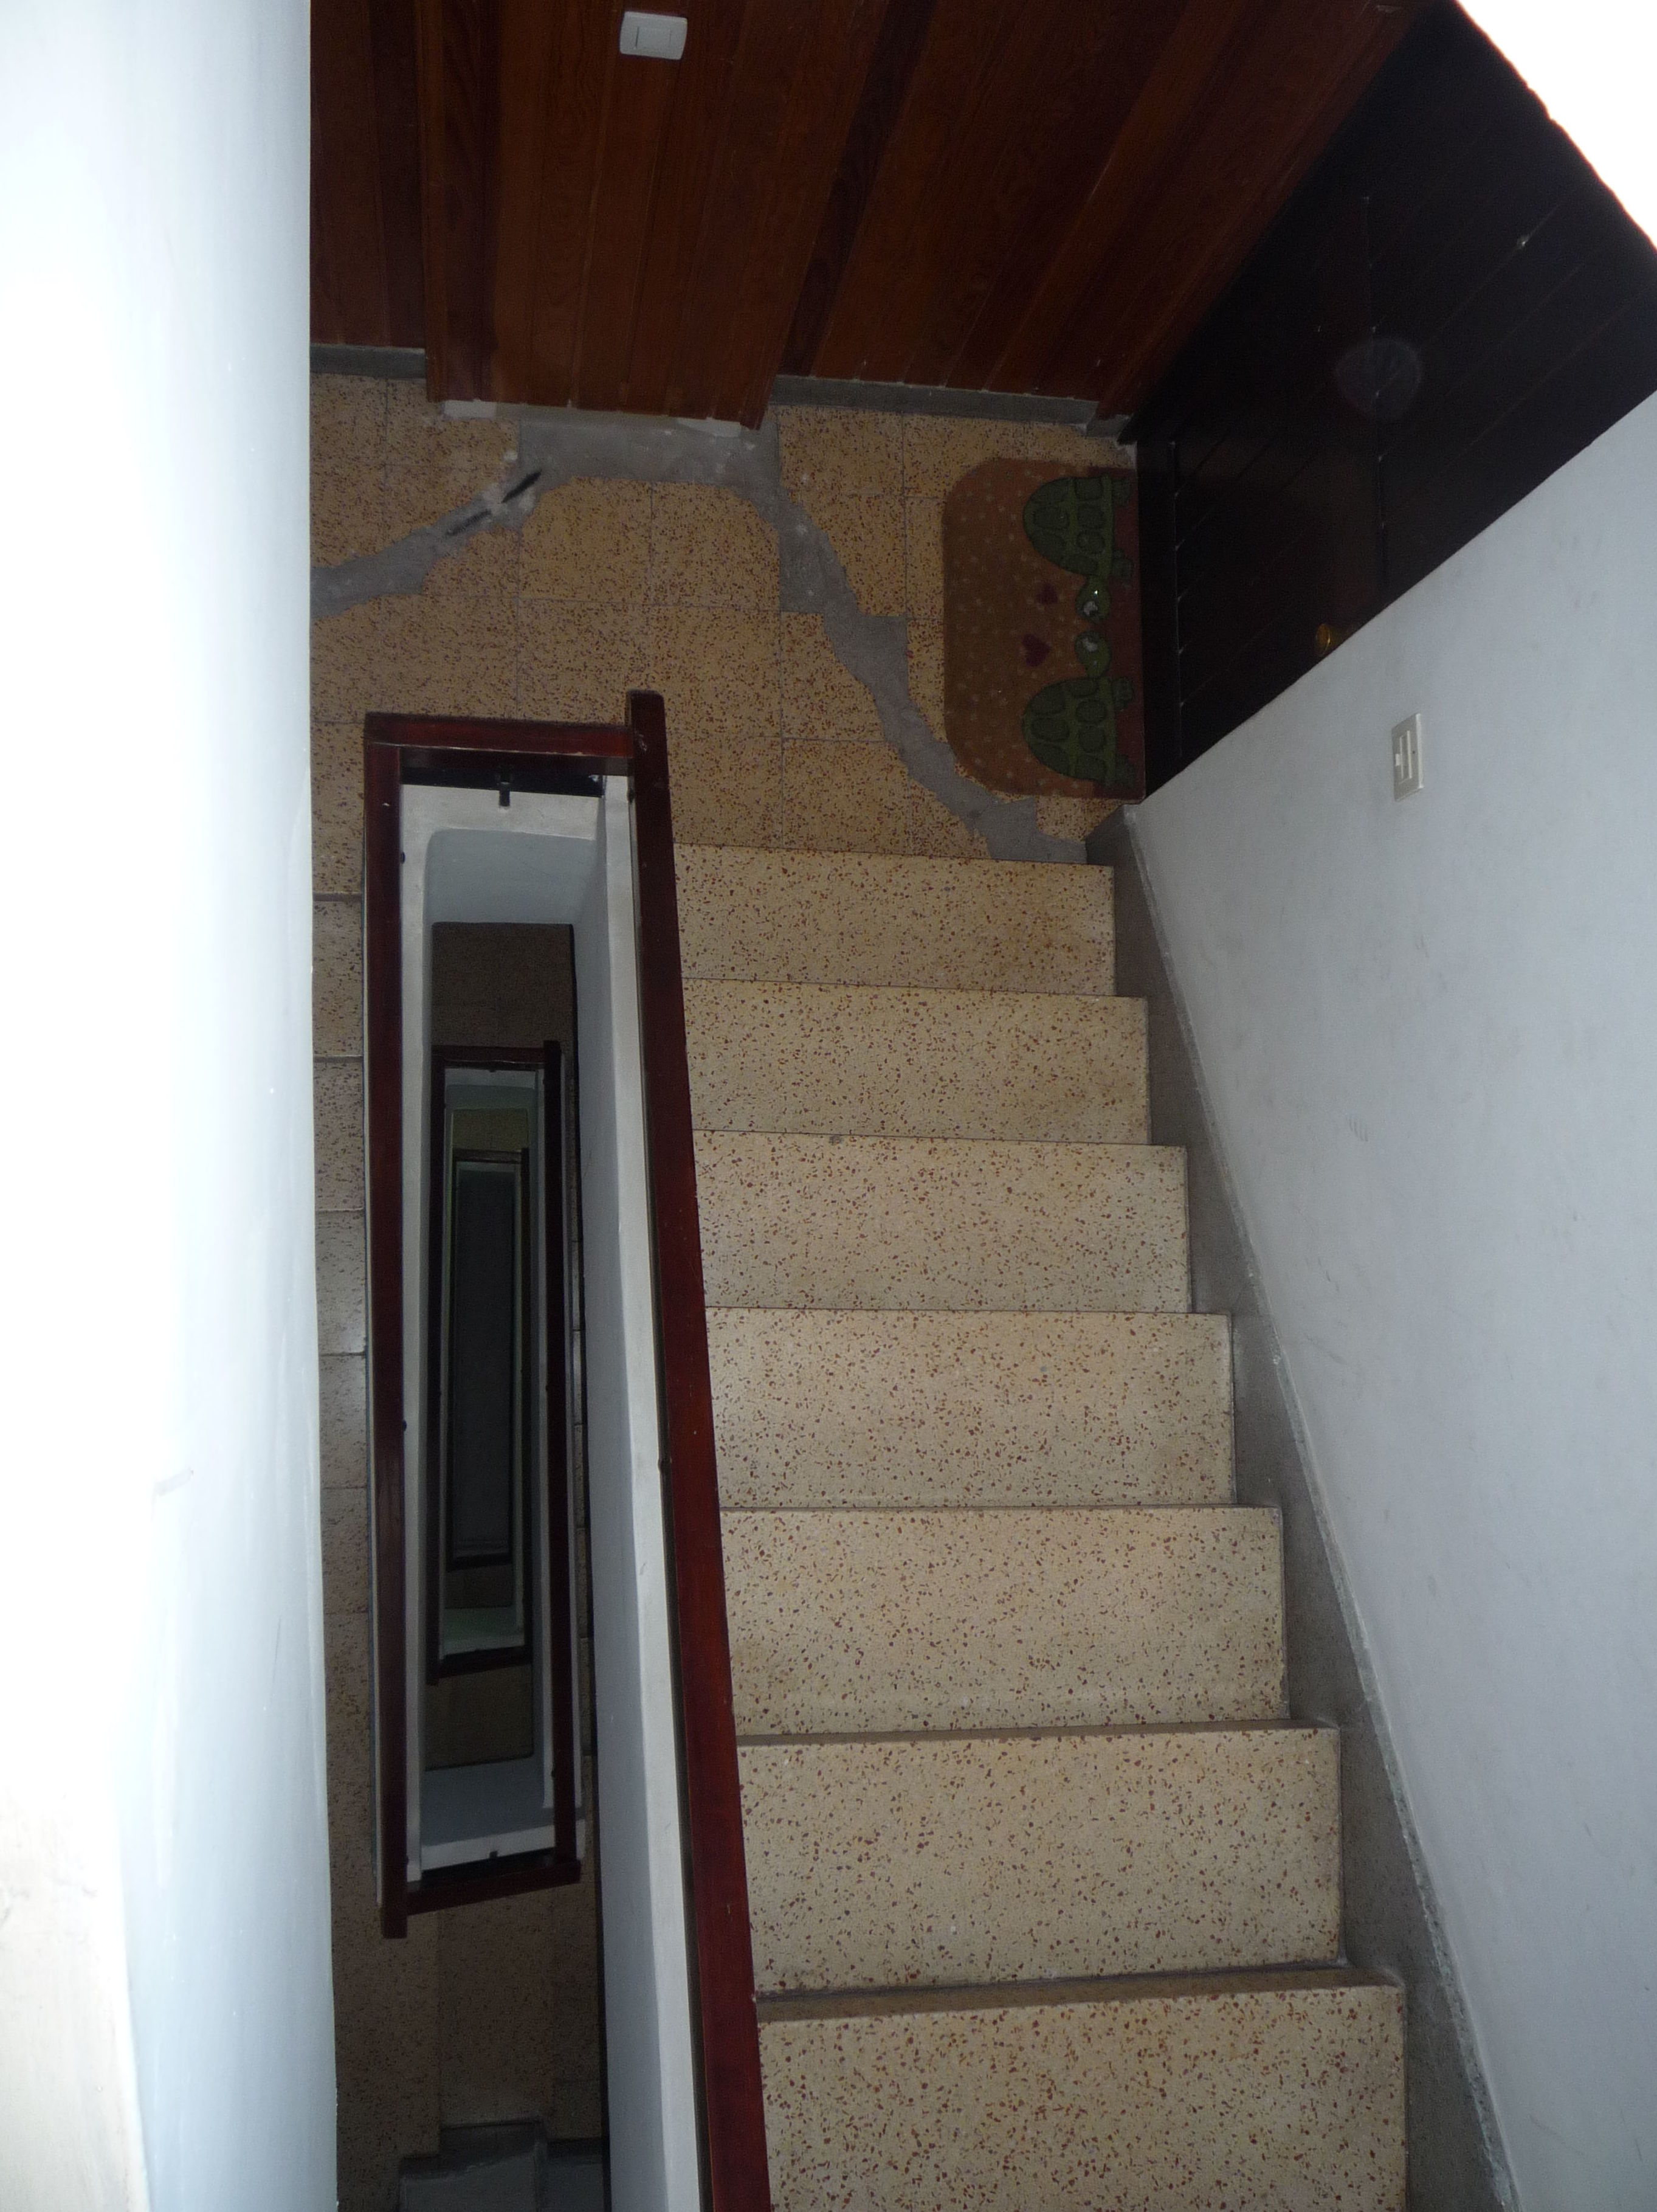 Reforma en escalera de comunidad de vecinos antes de cambiar el pavimento. Santa Cruz de Tenerife